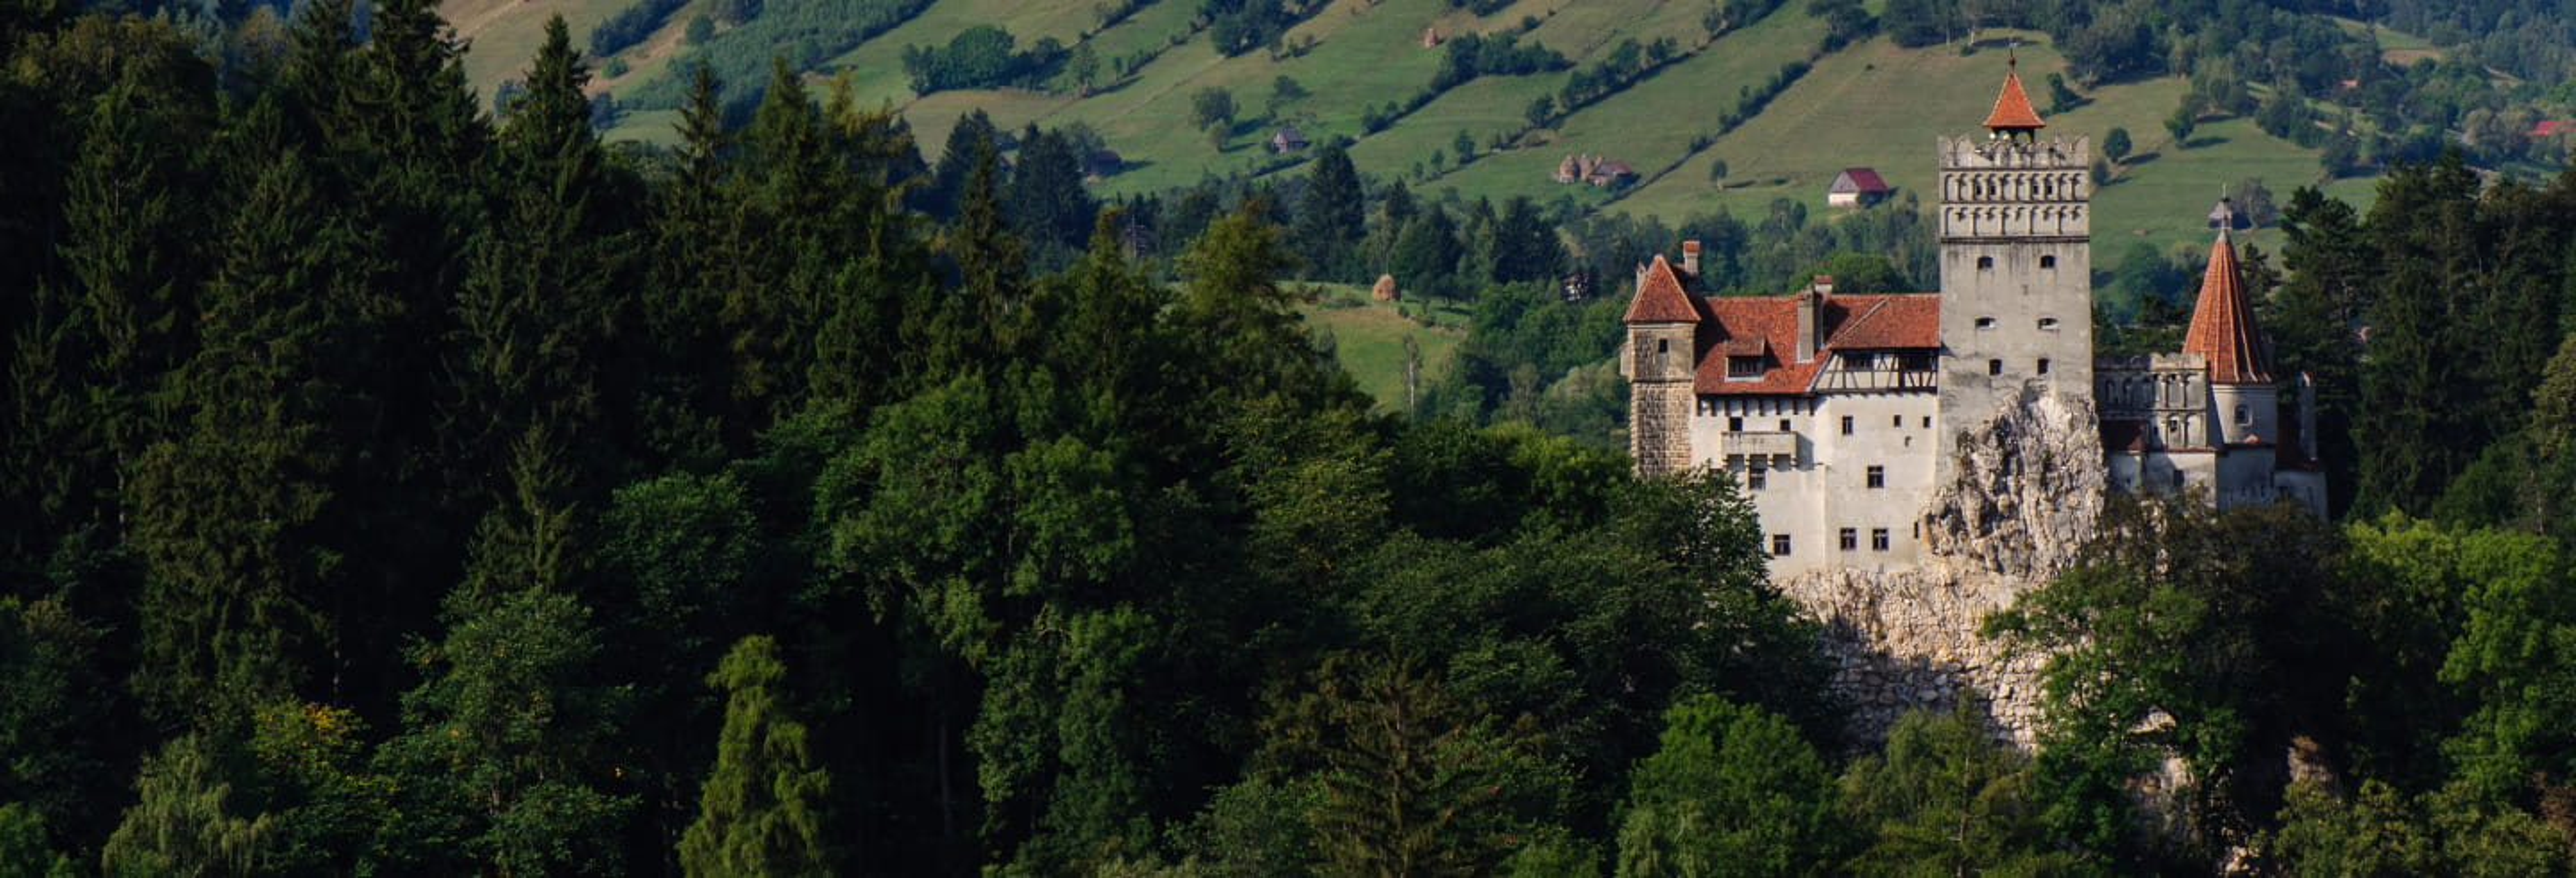 Excursión a los castillos de Bran y Peles